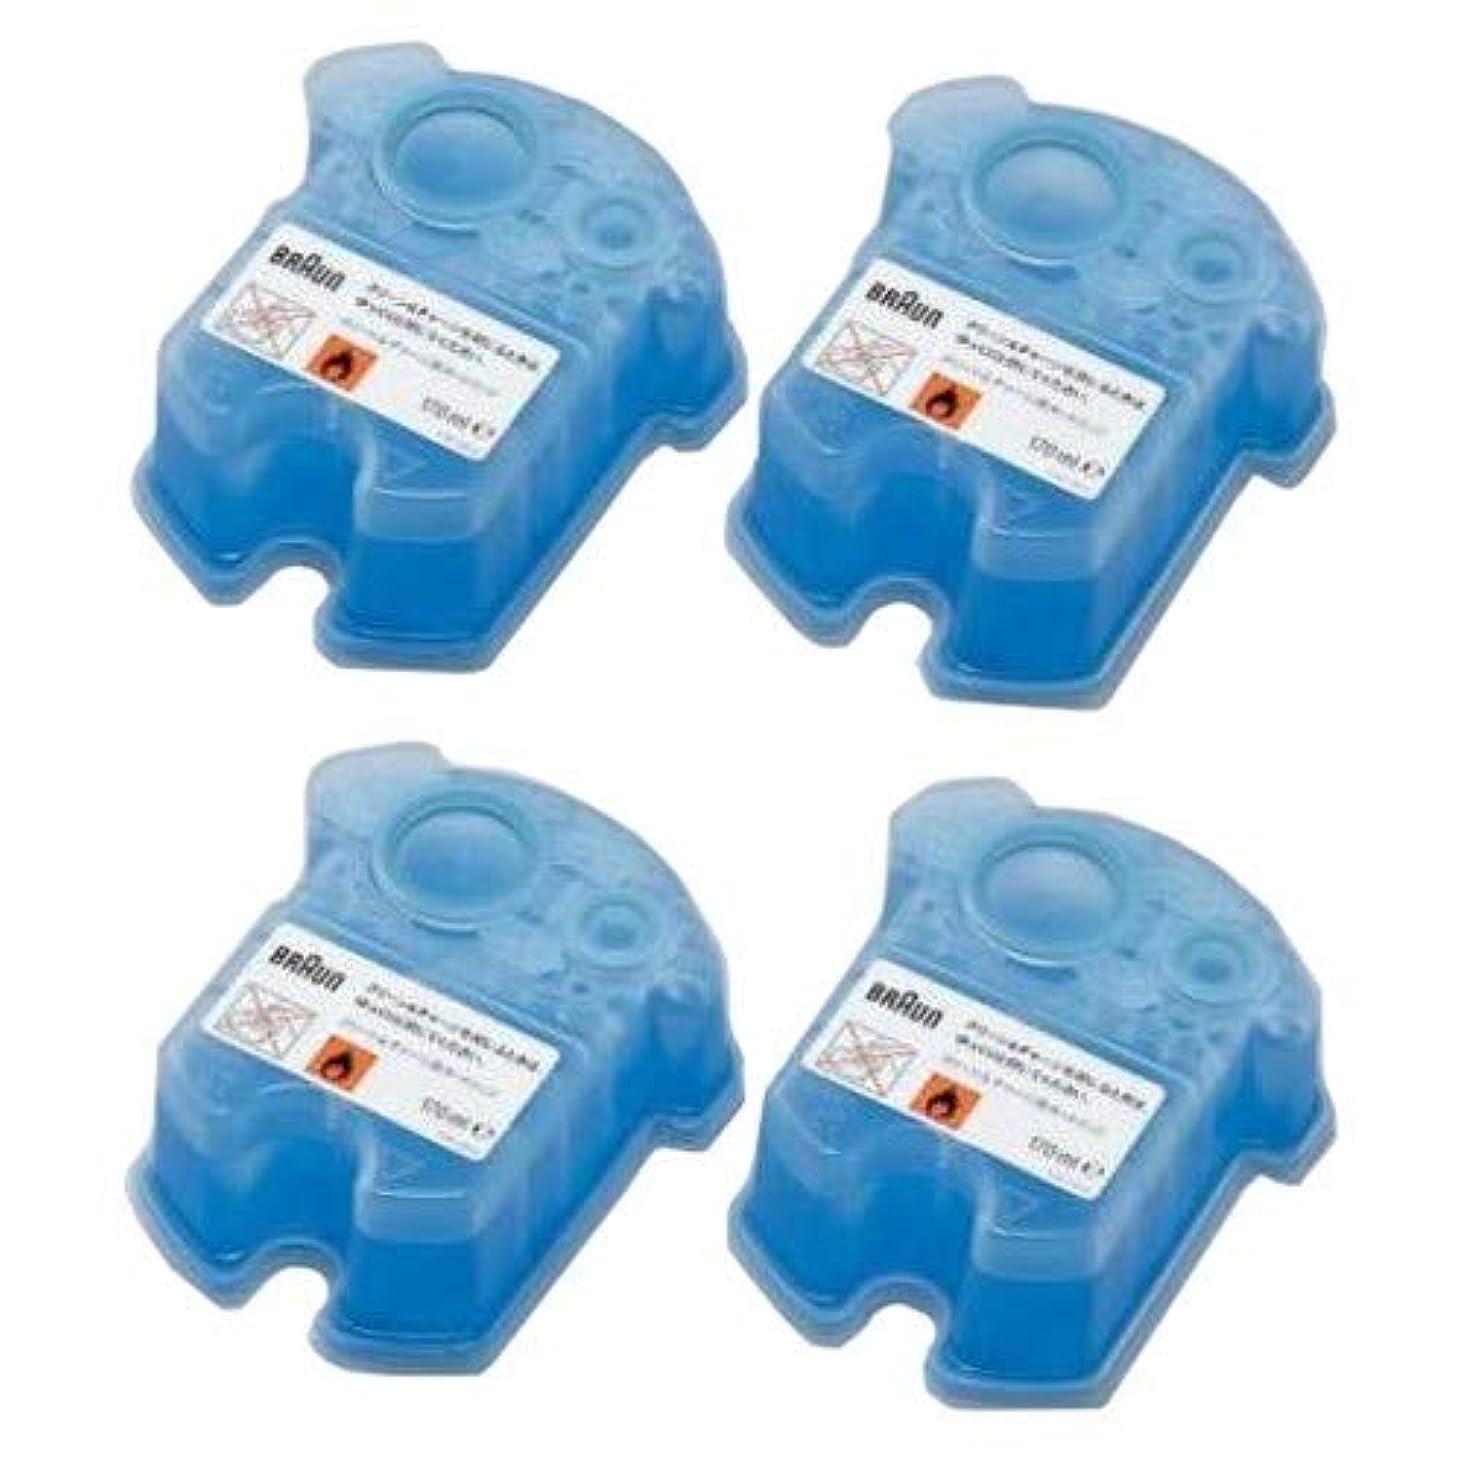 体細胞新鮮な忘れられない【2セット】ブラウン メンズシェーバー アルコール洗浄システム専用洗浄液カートリッジ (4個入×2セット)(計8個) CCR4CR-2SET